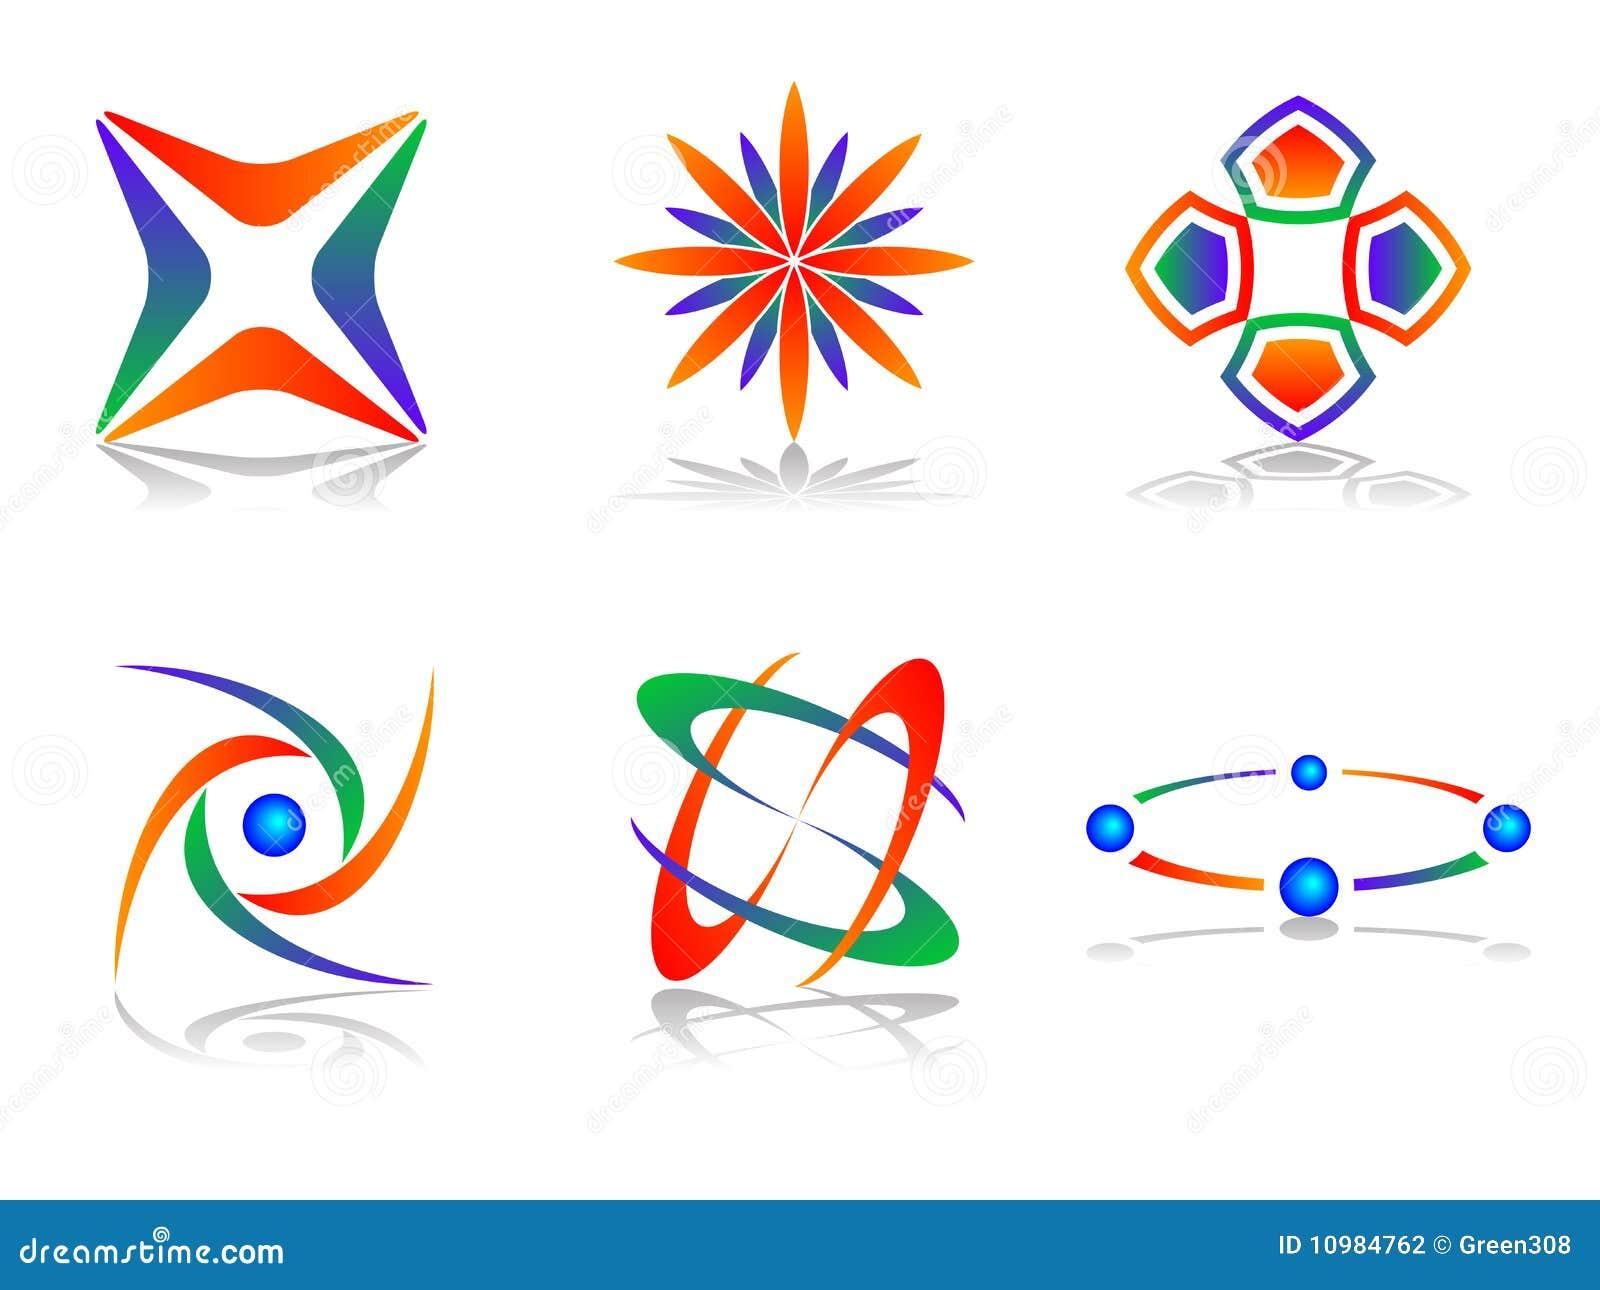 Vector abstract logo icon design set stock photography for Decor logo